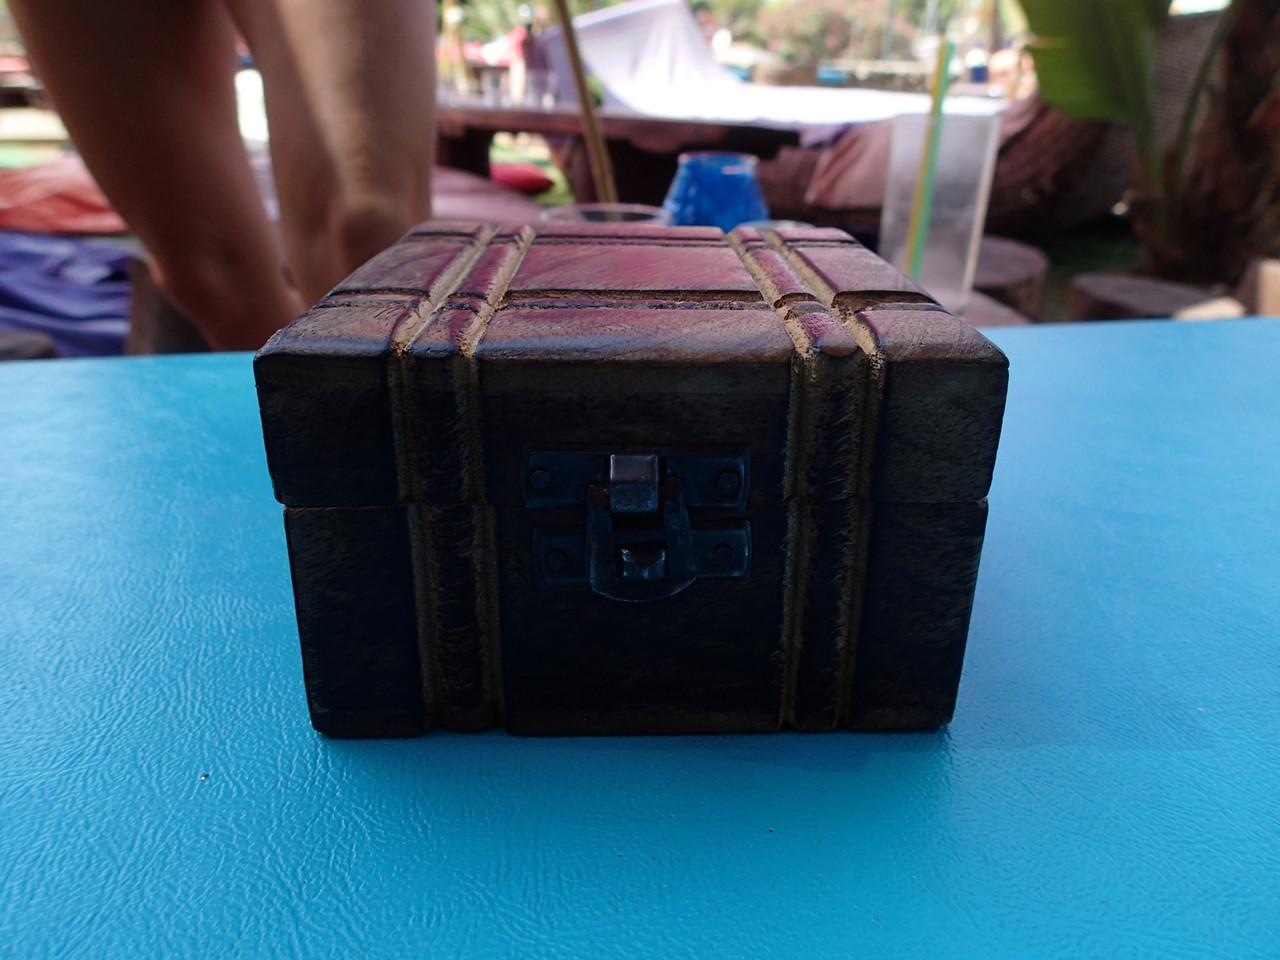 Zum Ende, die Rechnung in der Kiste!